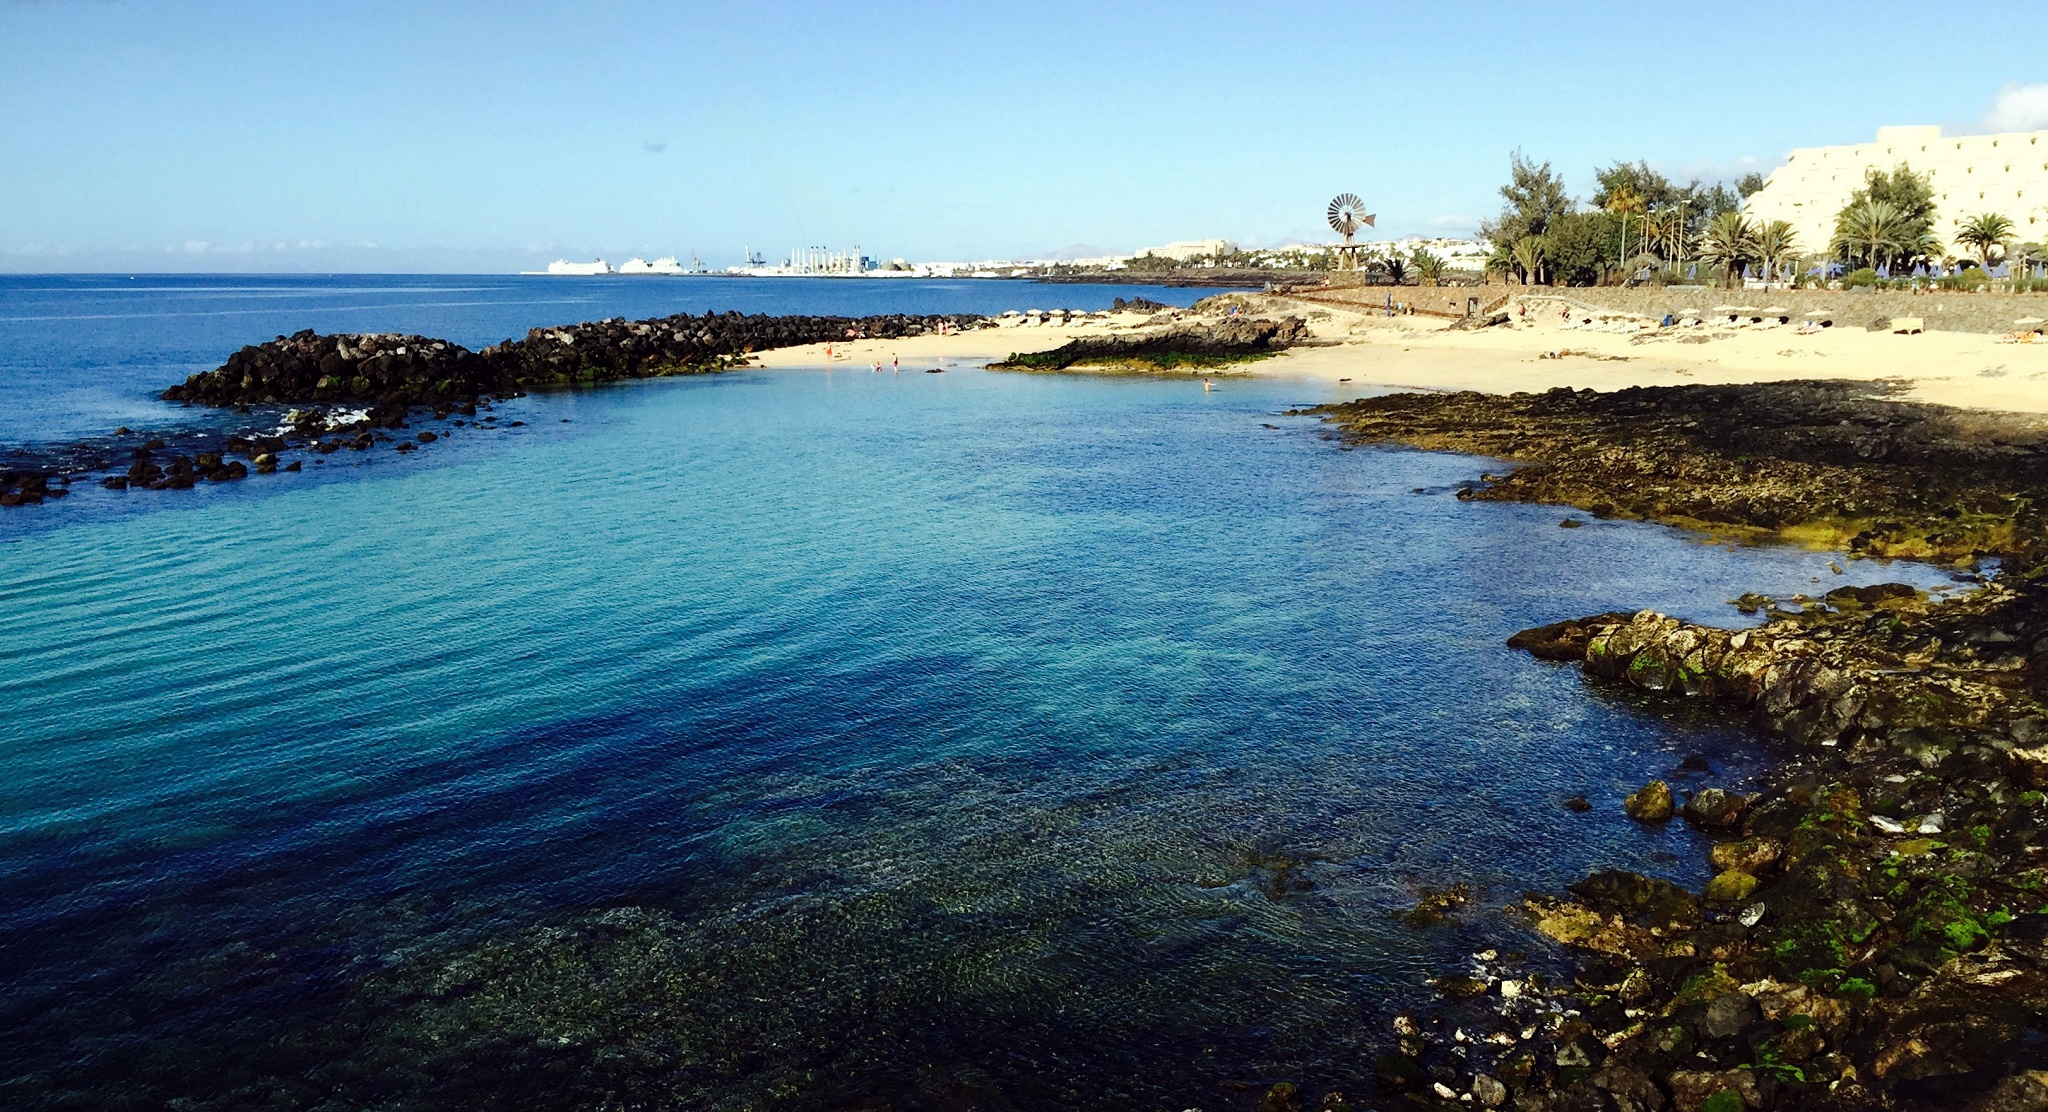 Costa Teguise, 9:30 am, jueves 9 de marzo de 2015